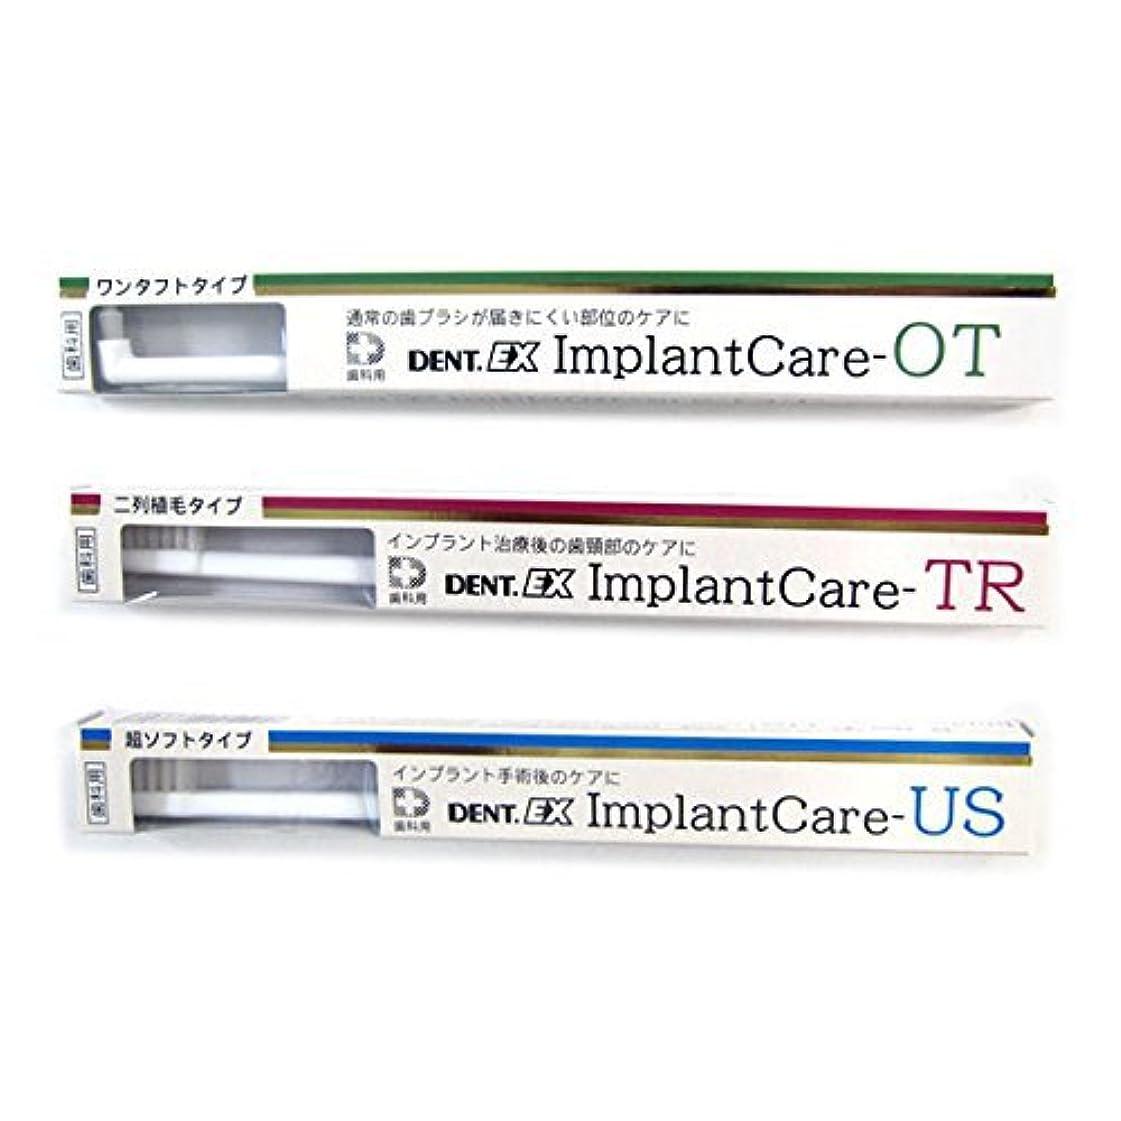 王子ボイラー課すデント DENT EX ImplantCare インプラントケア 単品 OT(ワンタフト)